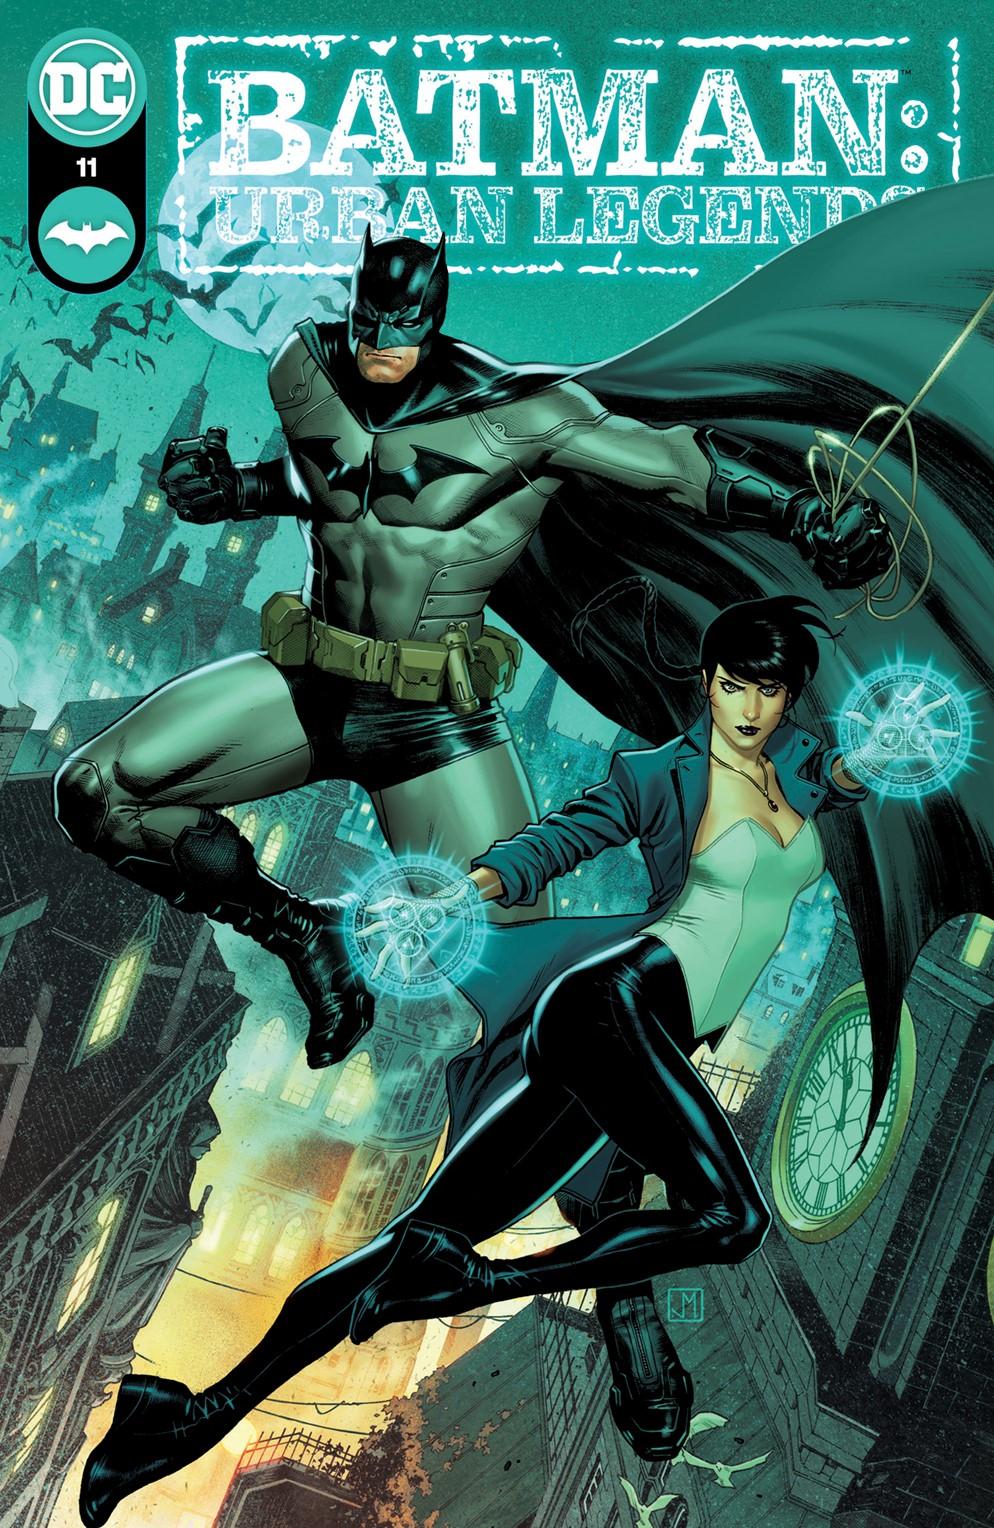 BMUL_Cv11 DC Comics December 2021 Solicitations